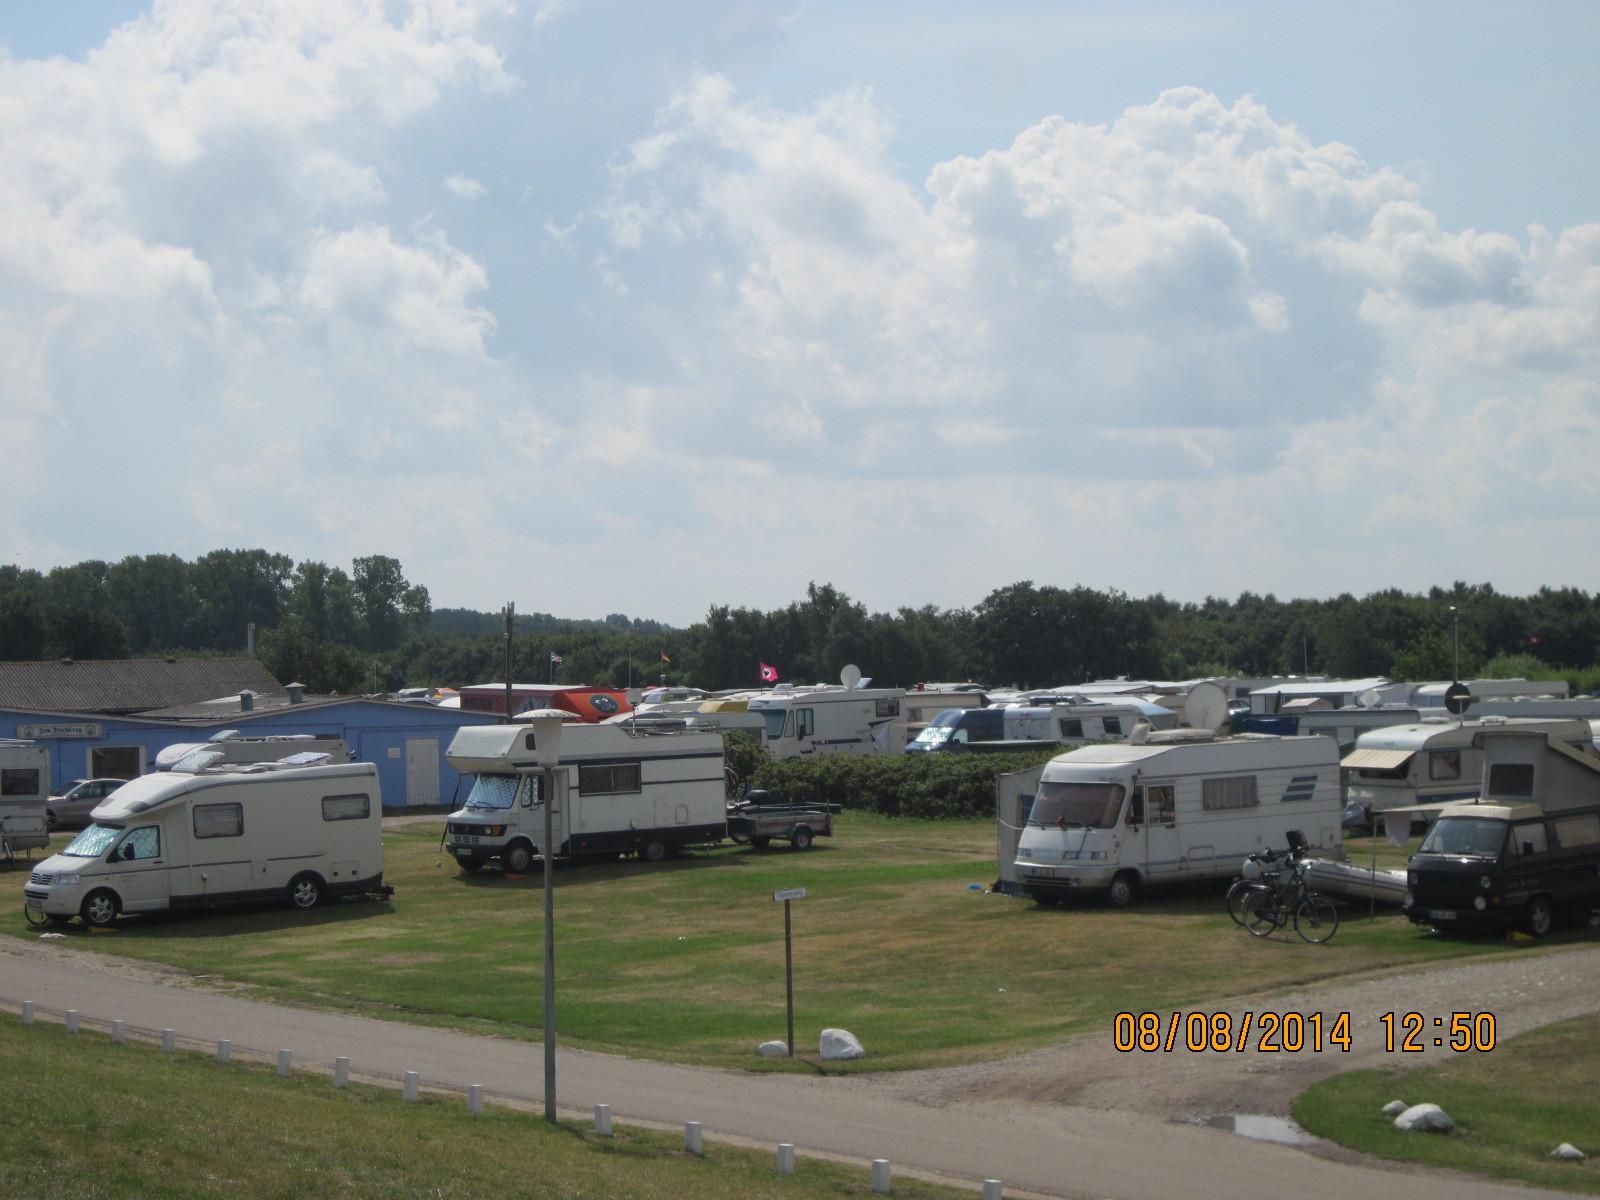 Stell- und Campingplatz Oehe Drecht bzw. Gut Oehe